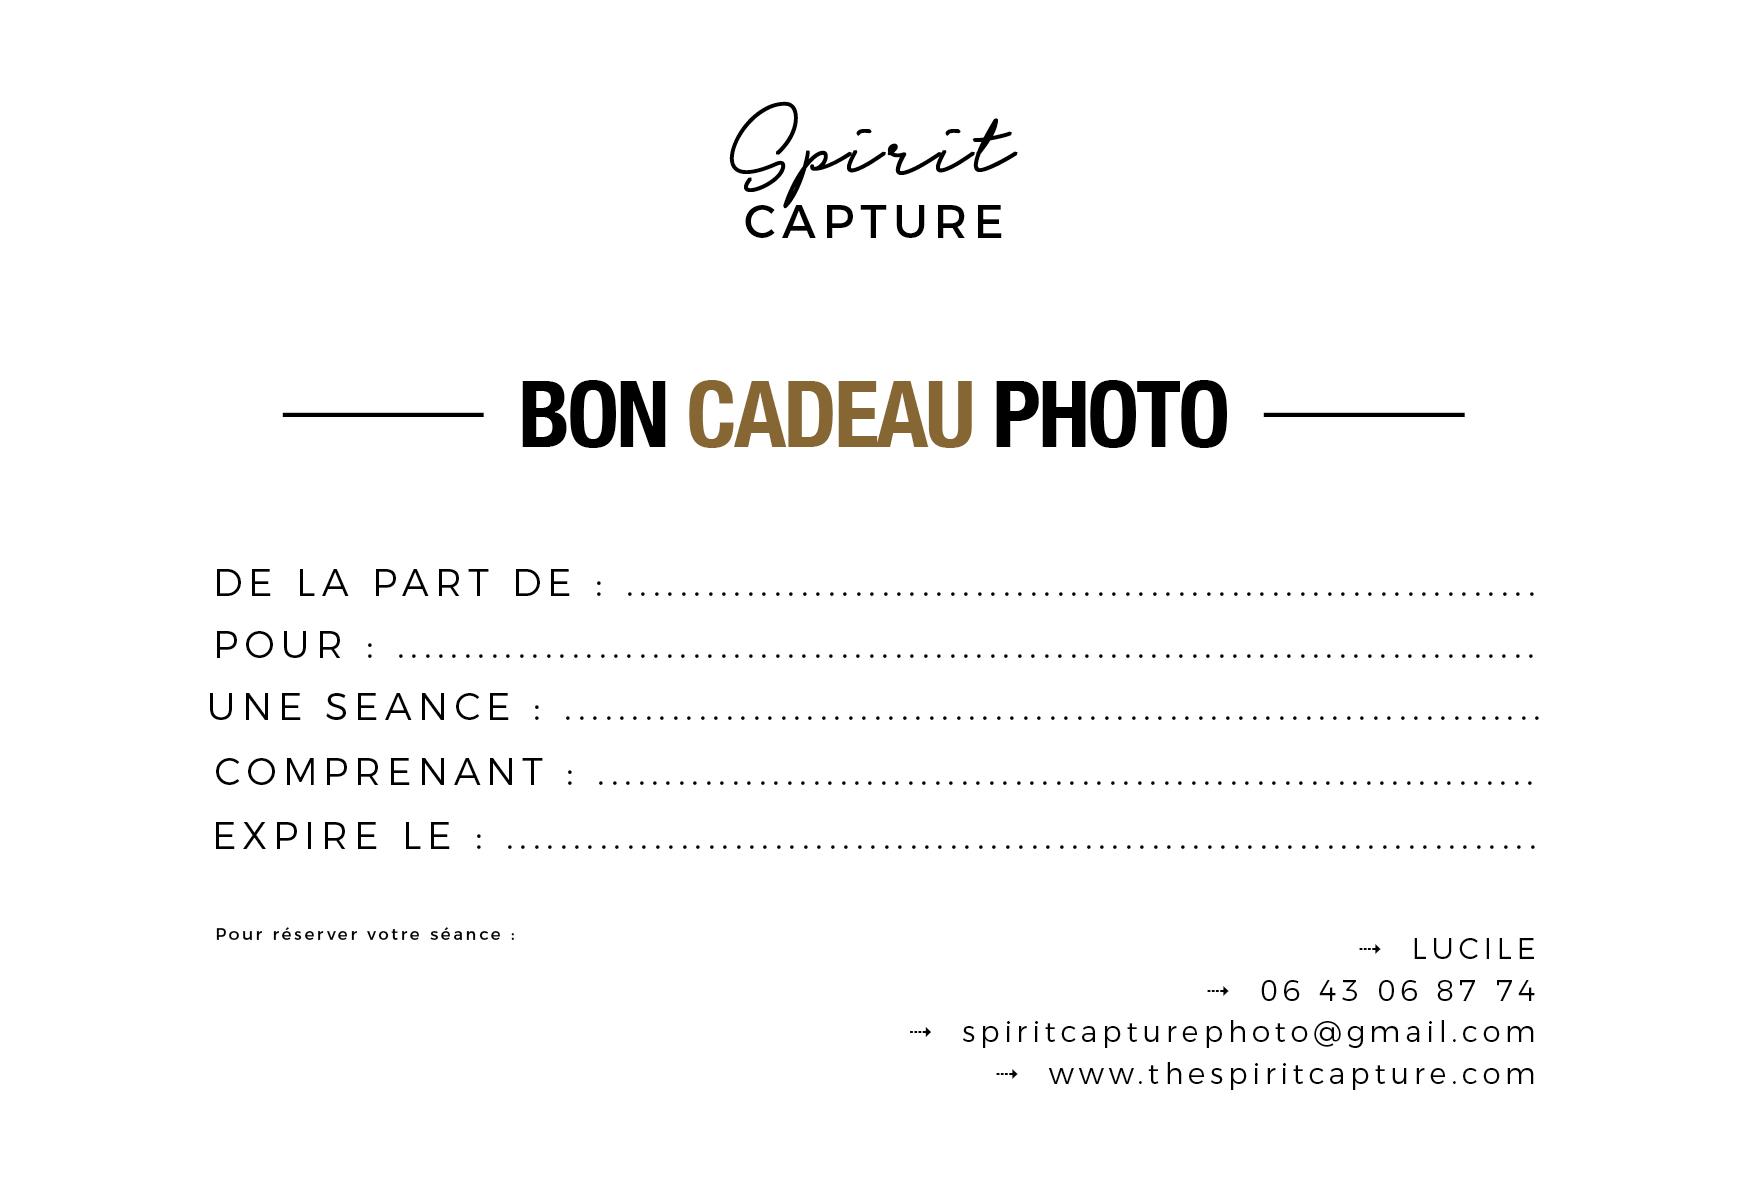 boncadeauphoto2018-2.jpg